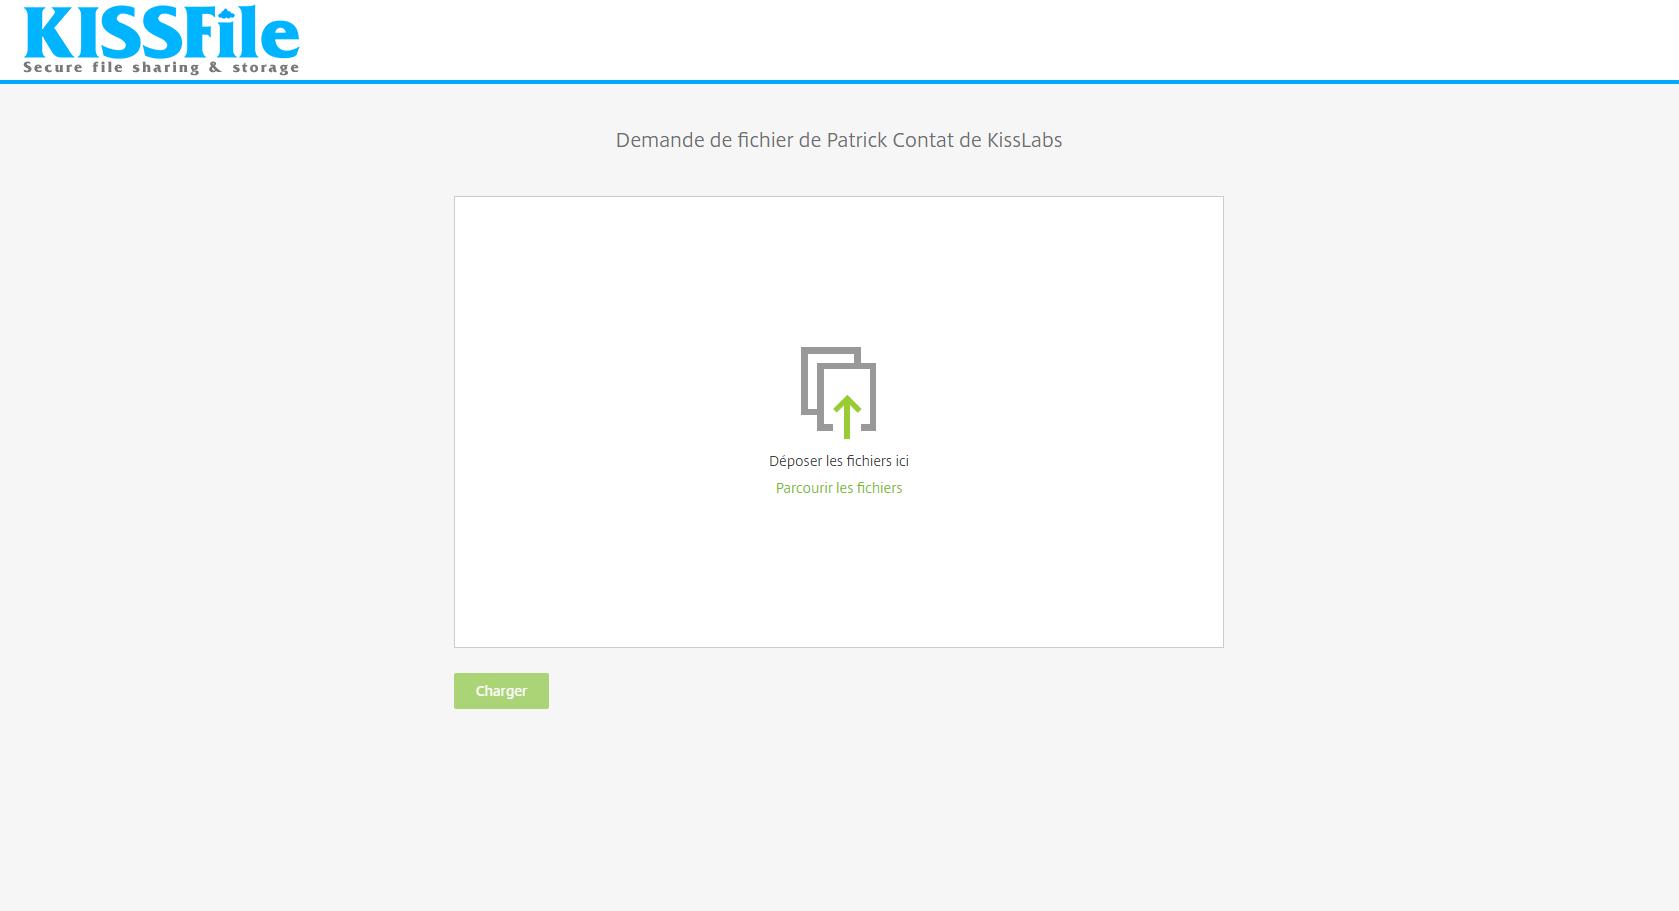 KissFile - Citrix ShareFile - Demande de fichier via Outlook - Envoi